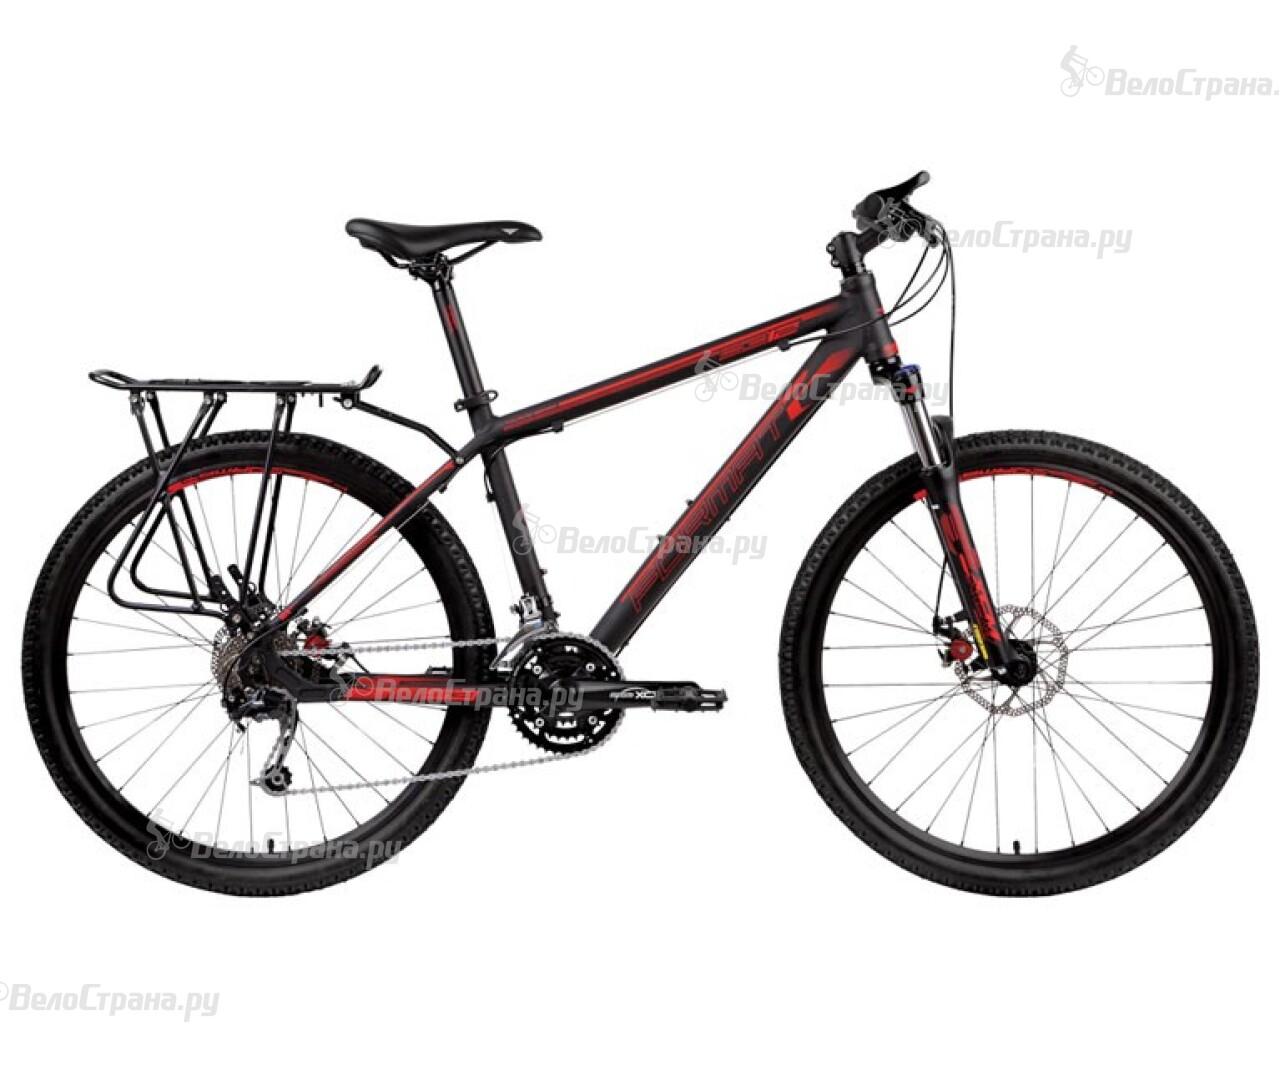 Велосипед Format 5312 (2014) велосипед format 1212 2014